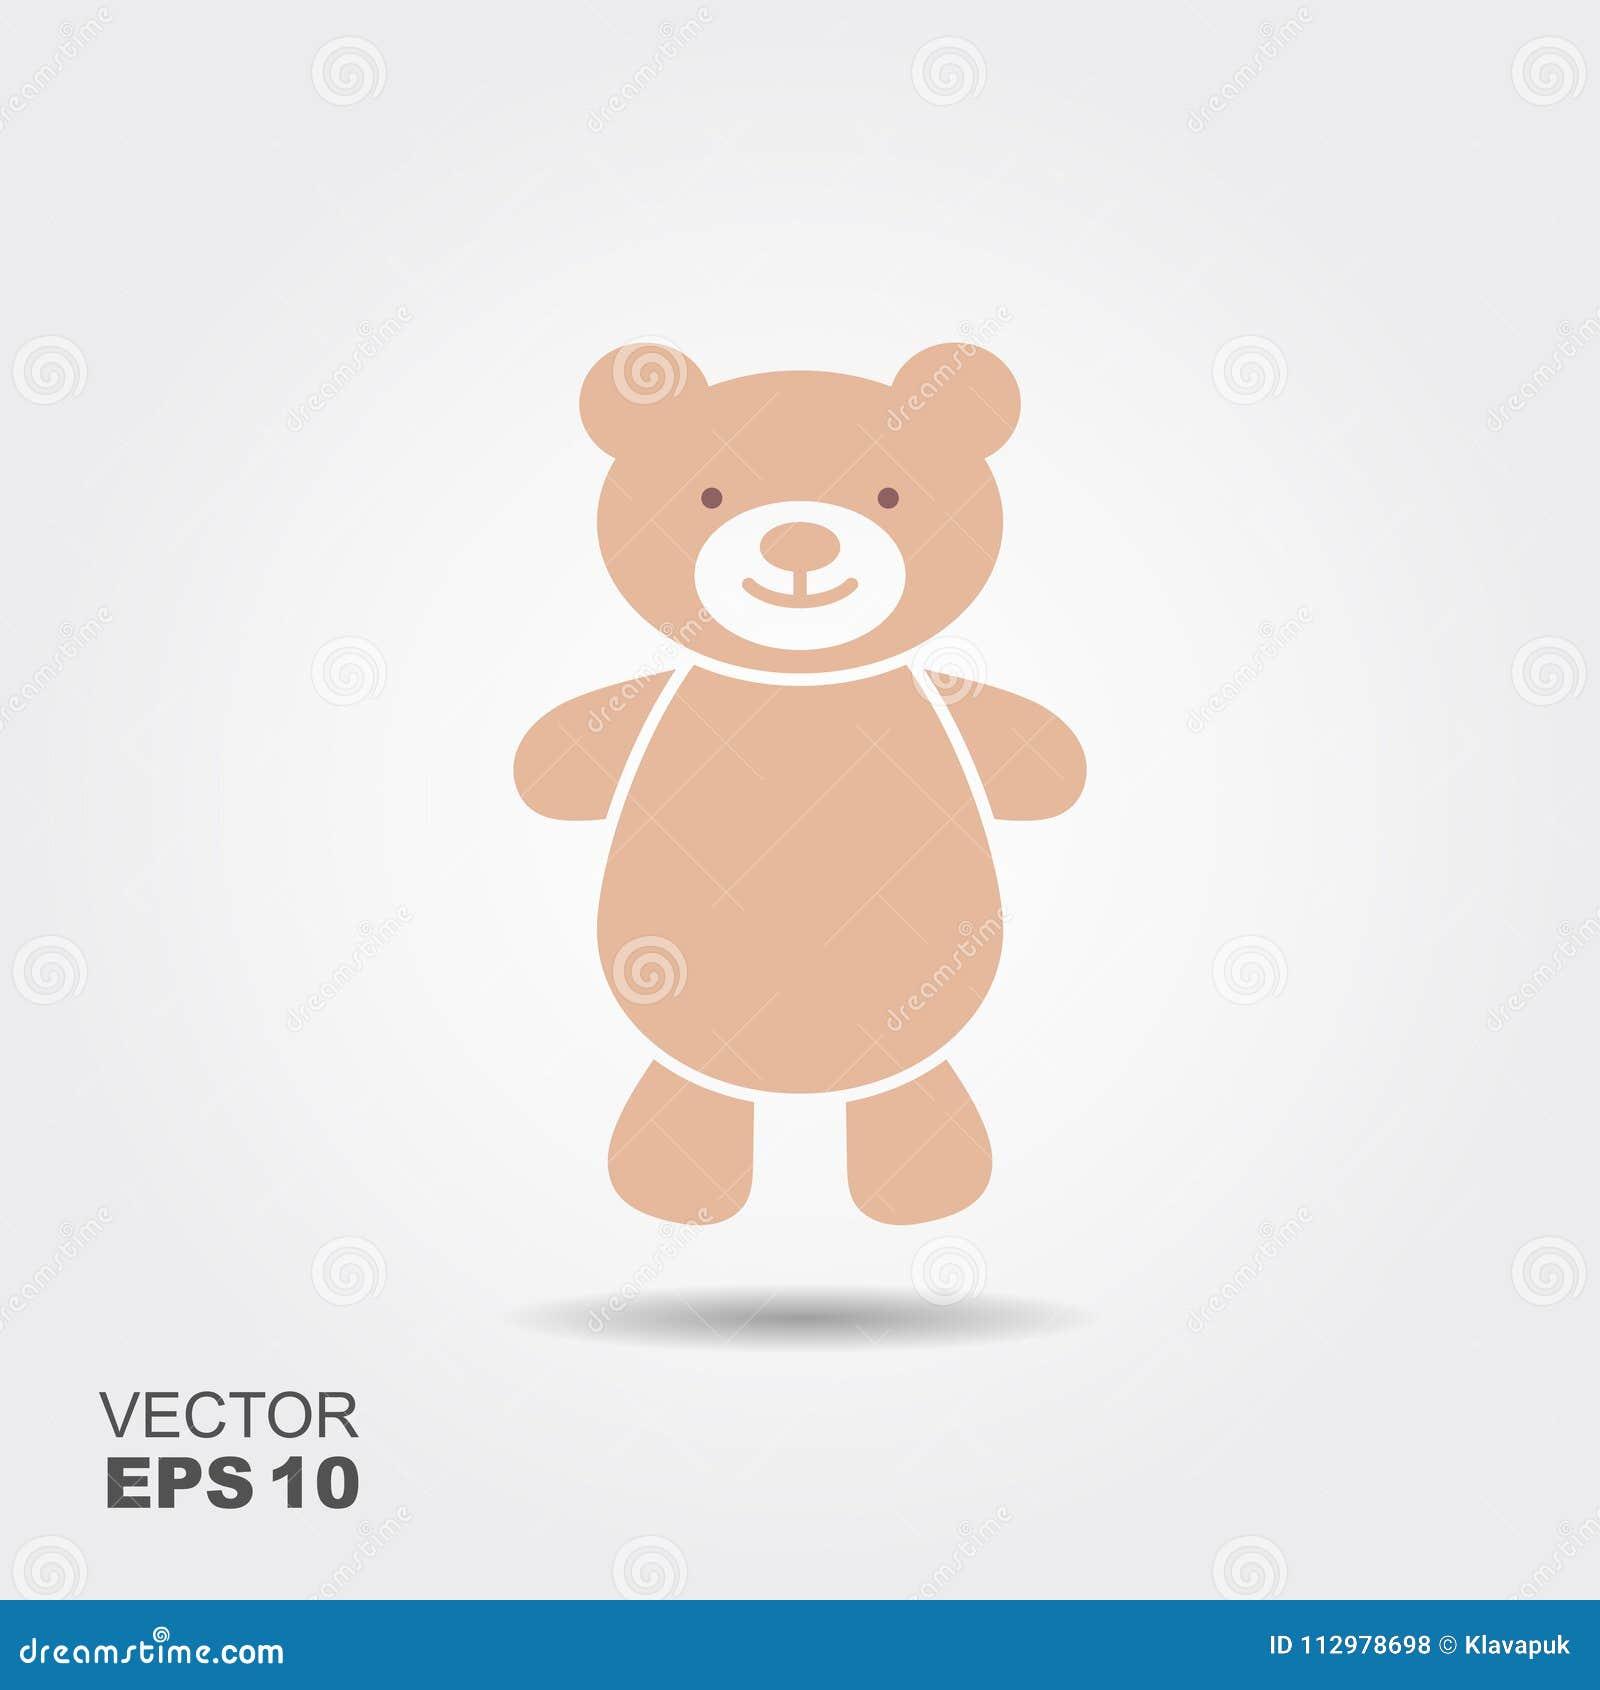 Soft toy, Teddy bear flat icon